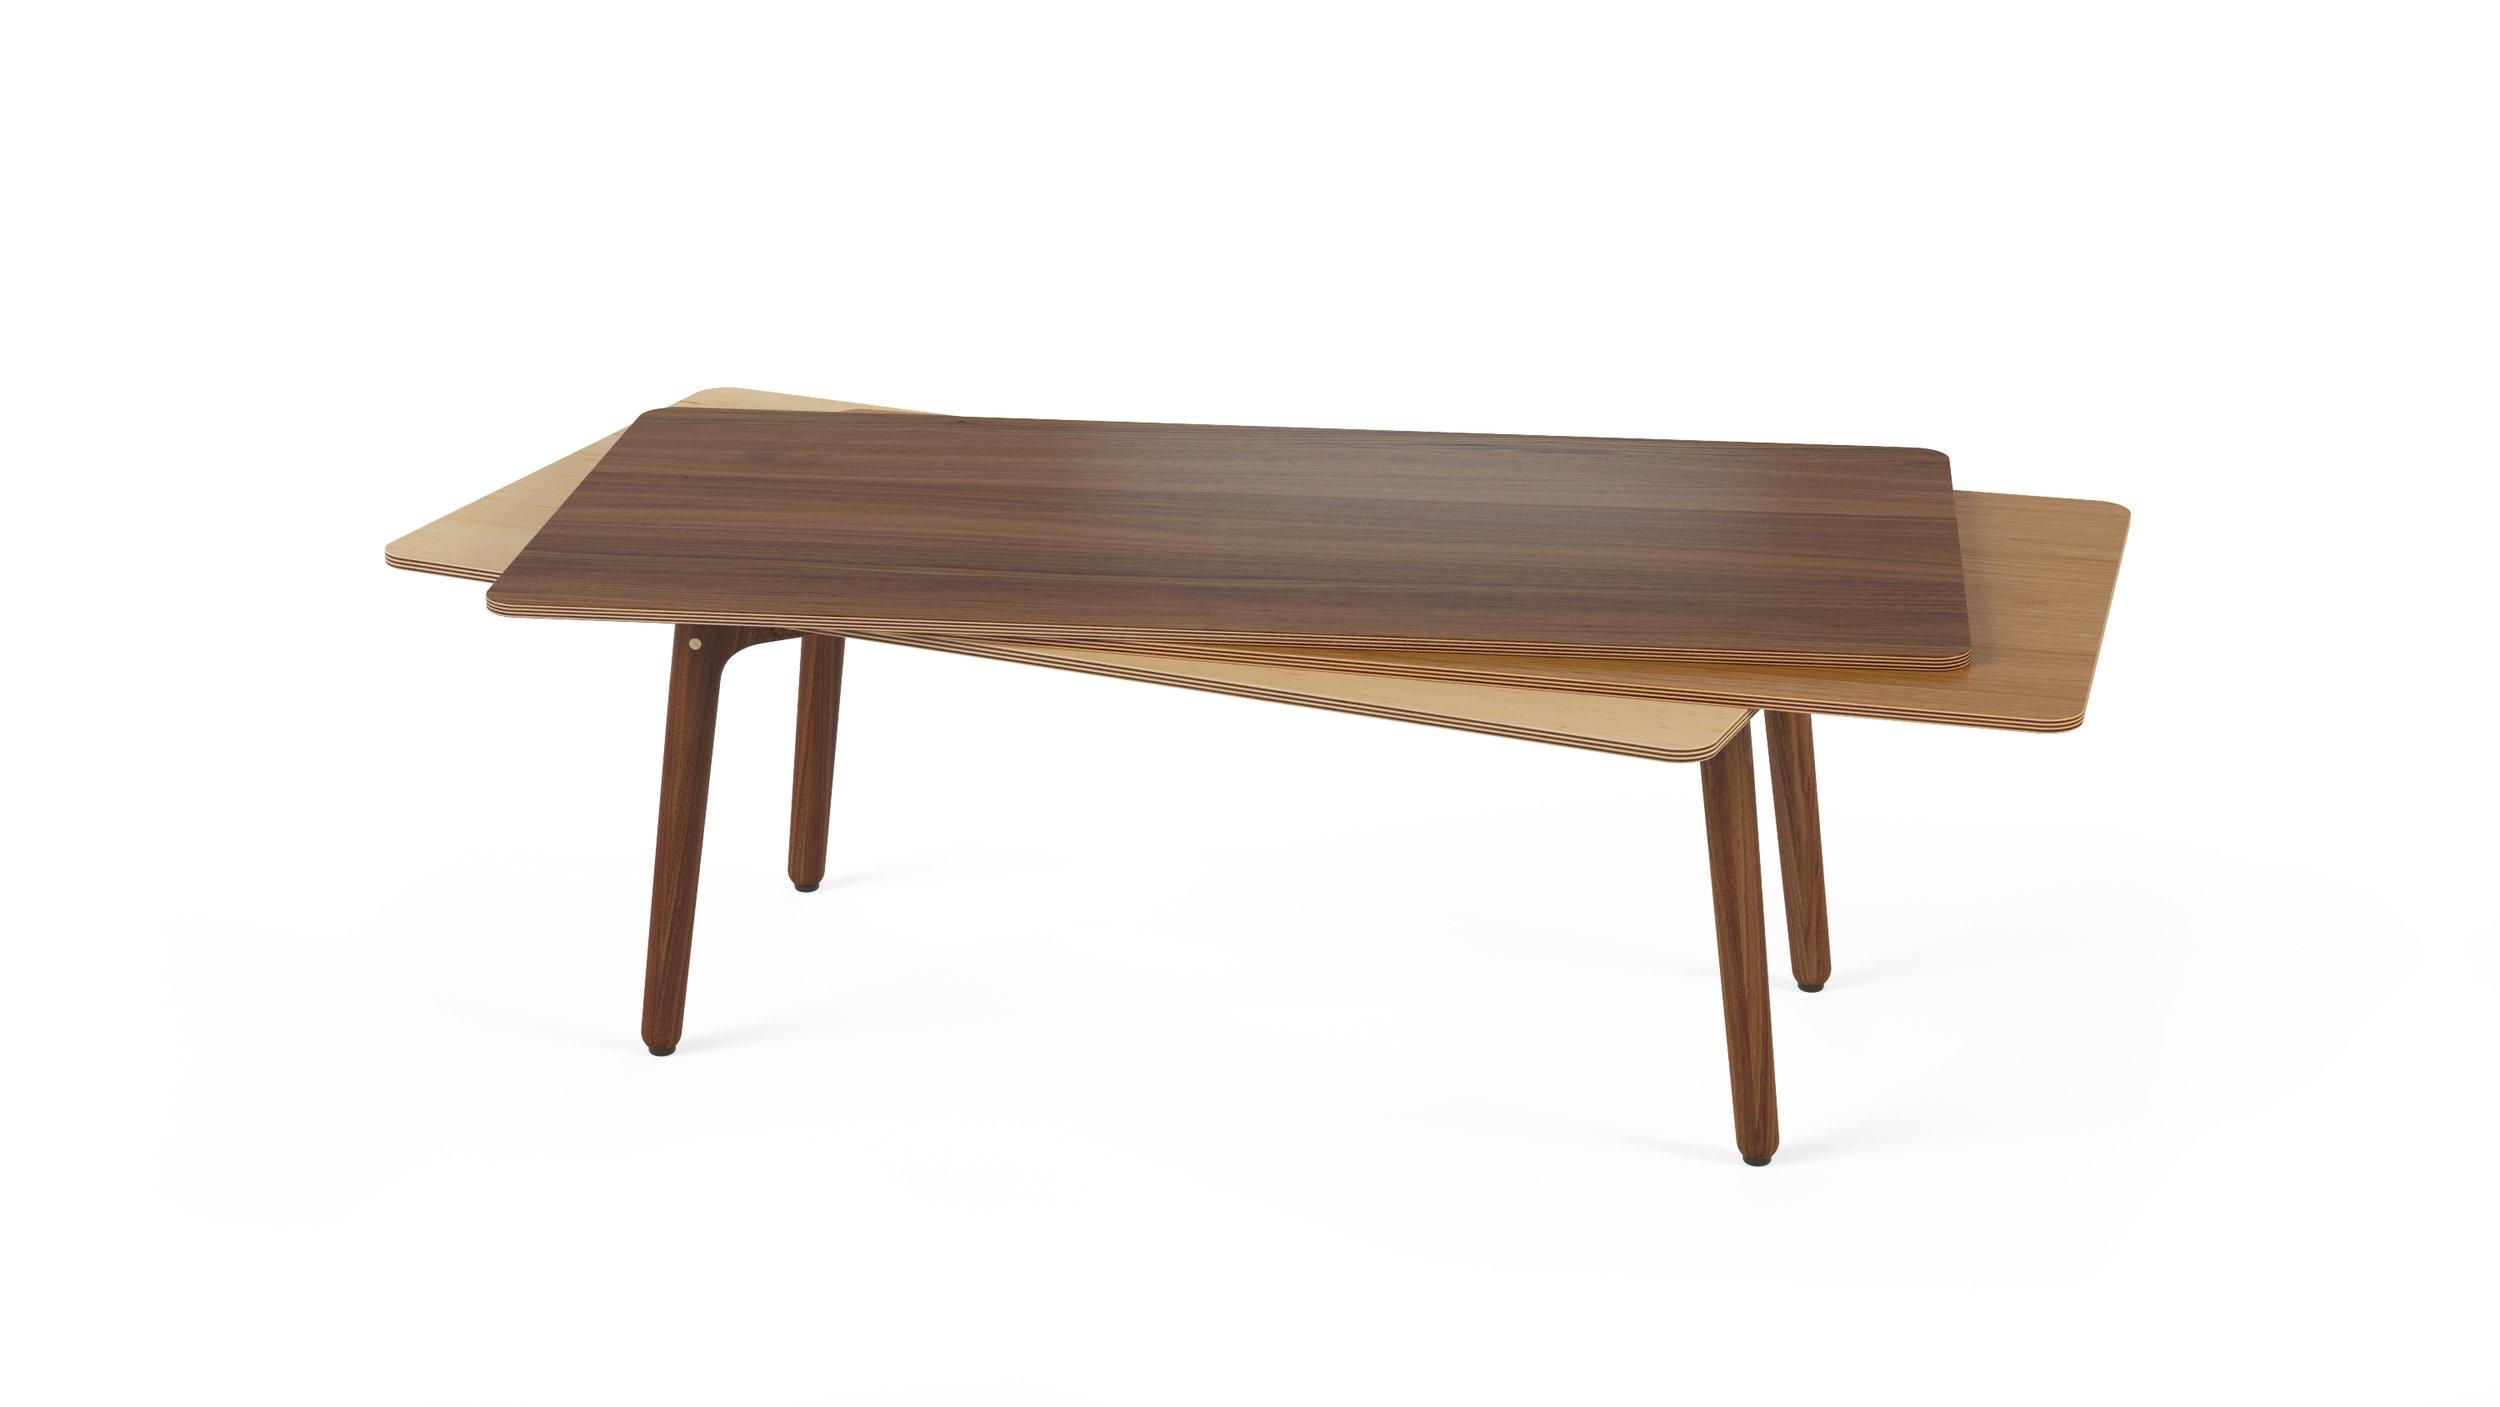 Stacked Coffee Table (Wood) - Walnut, Oak, Maple.jpg